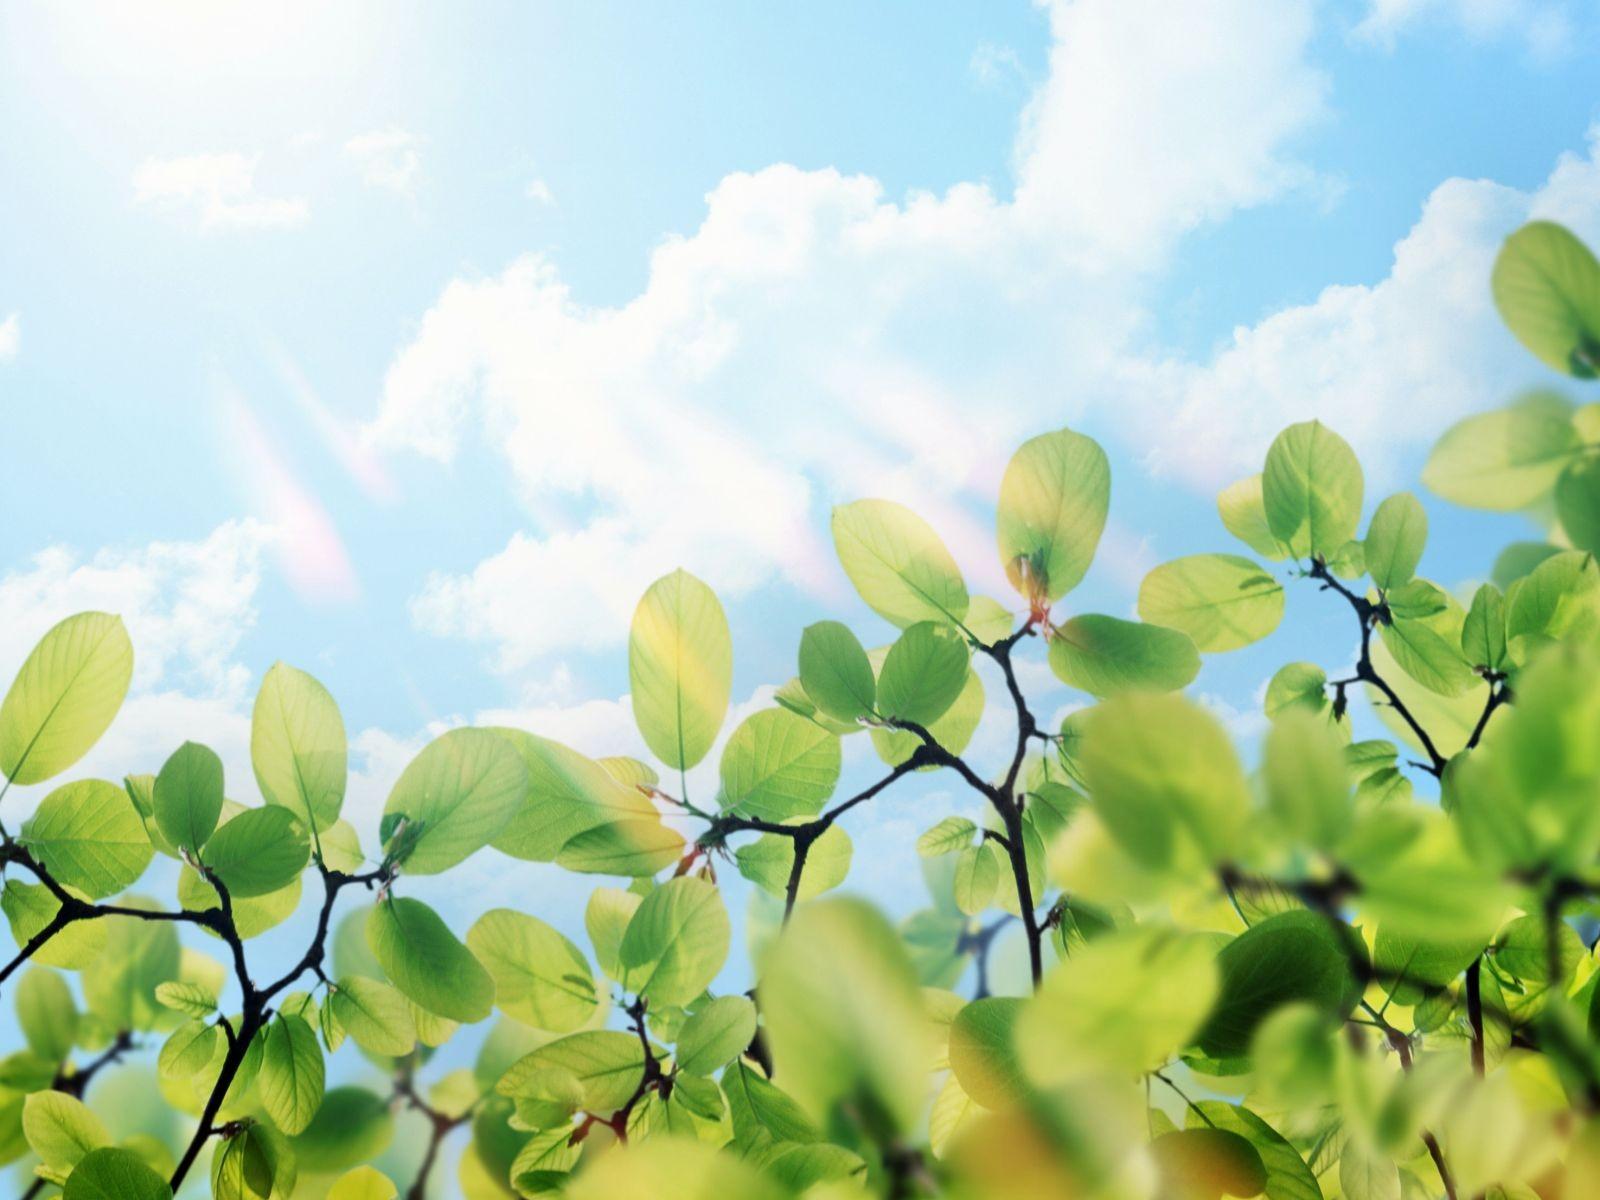 Лучи света сквозь листья  № 3096134 загрузить